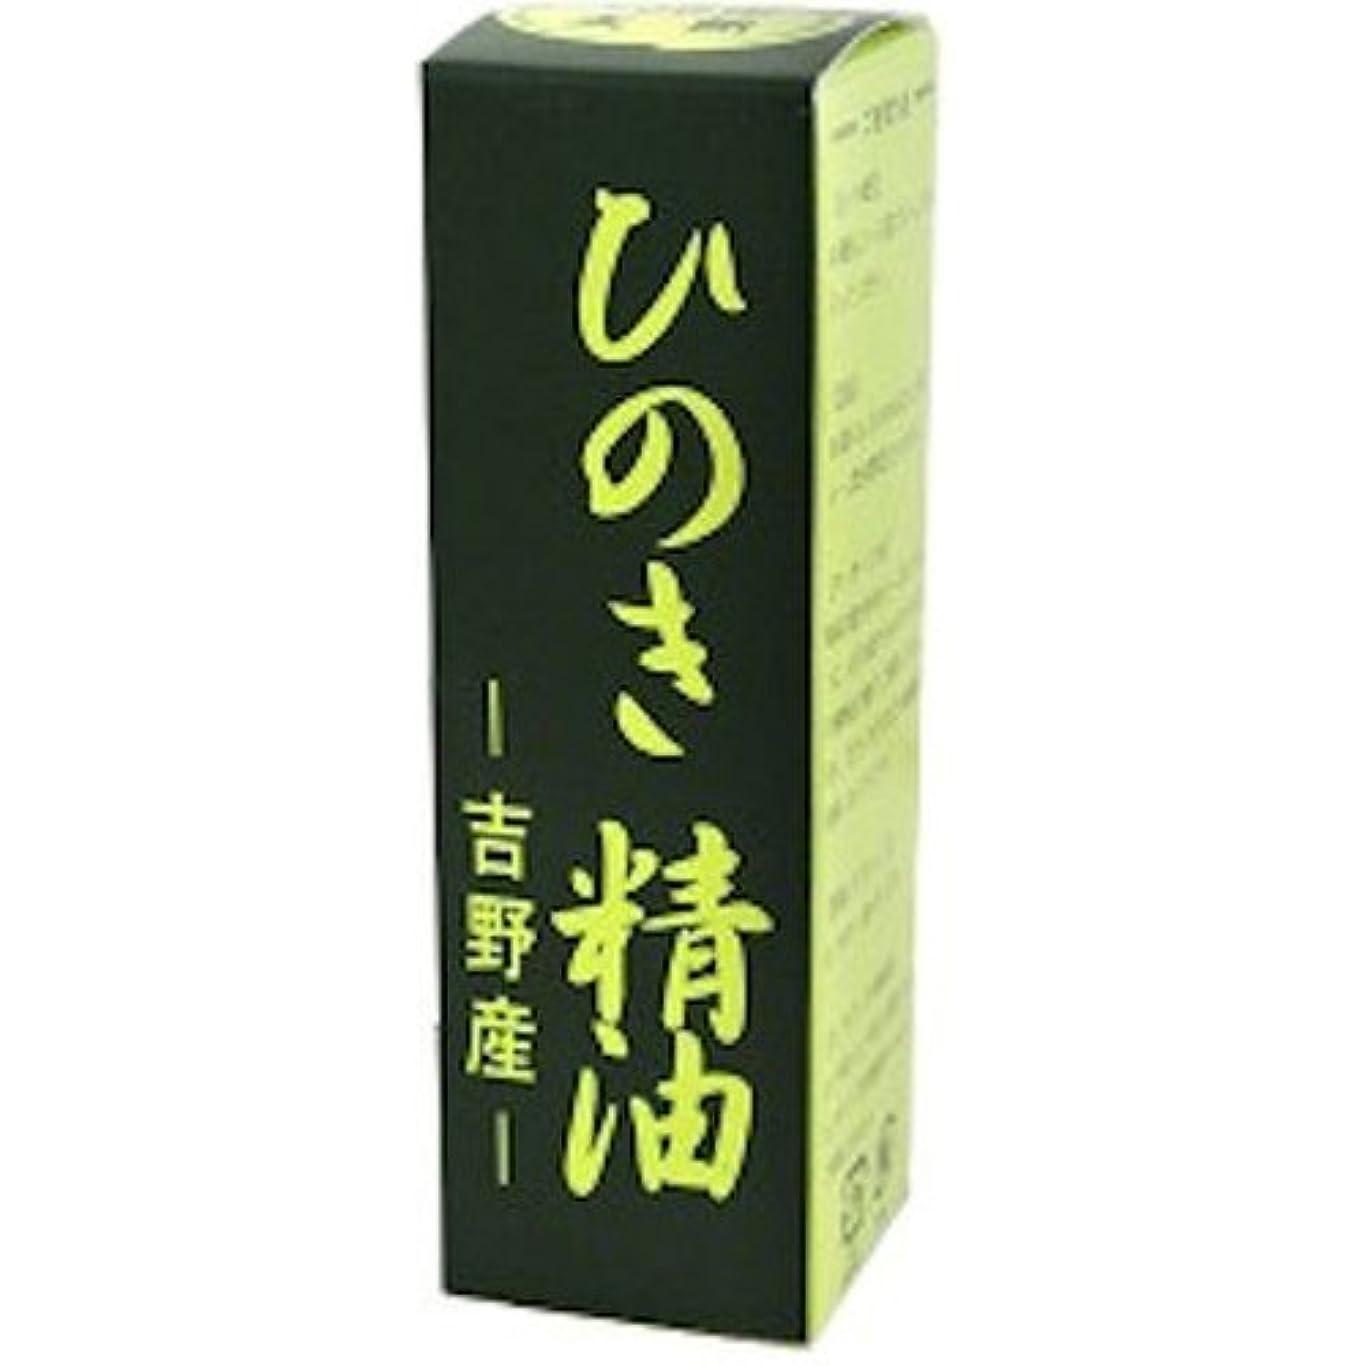 サーカス記者祈る吉野ひのき精油(エッセンスオイル) 30ml